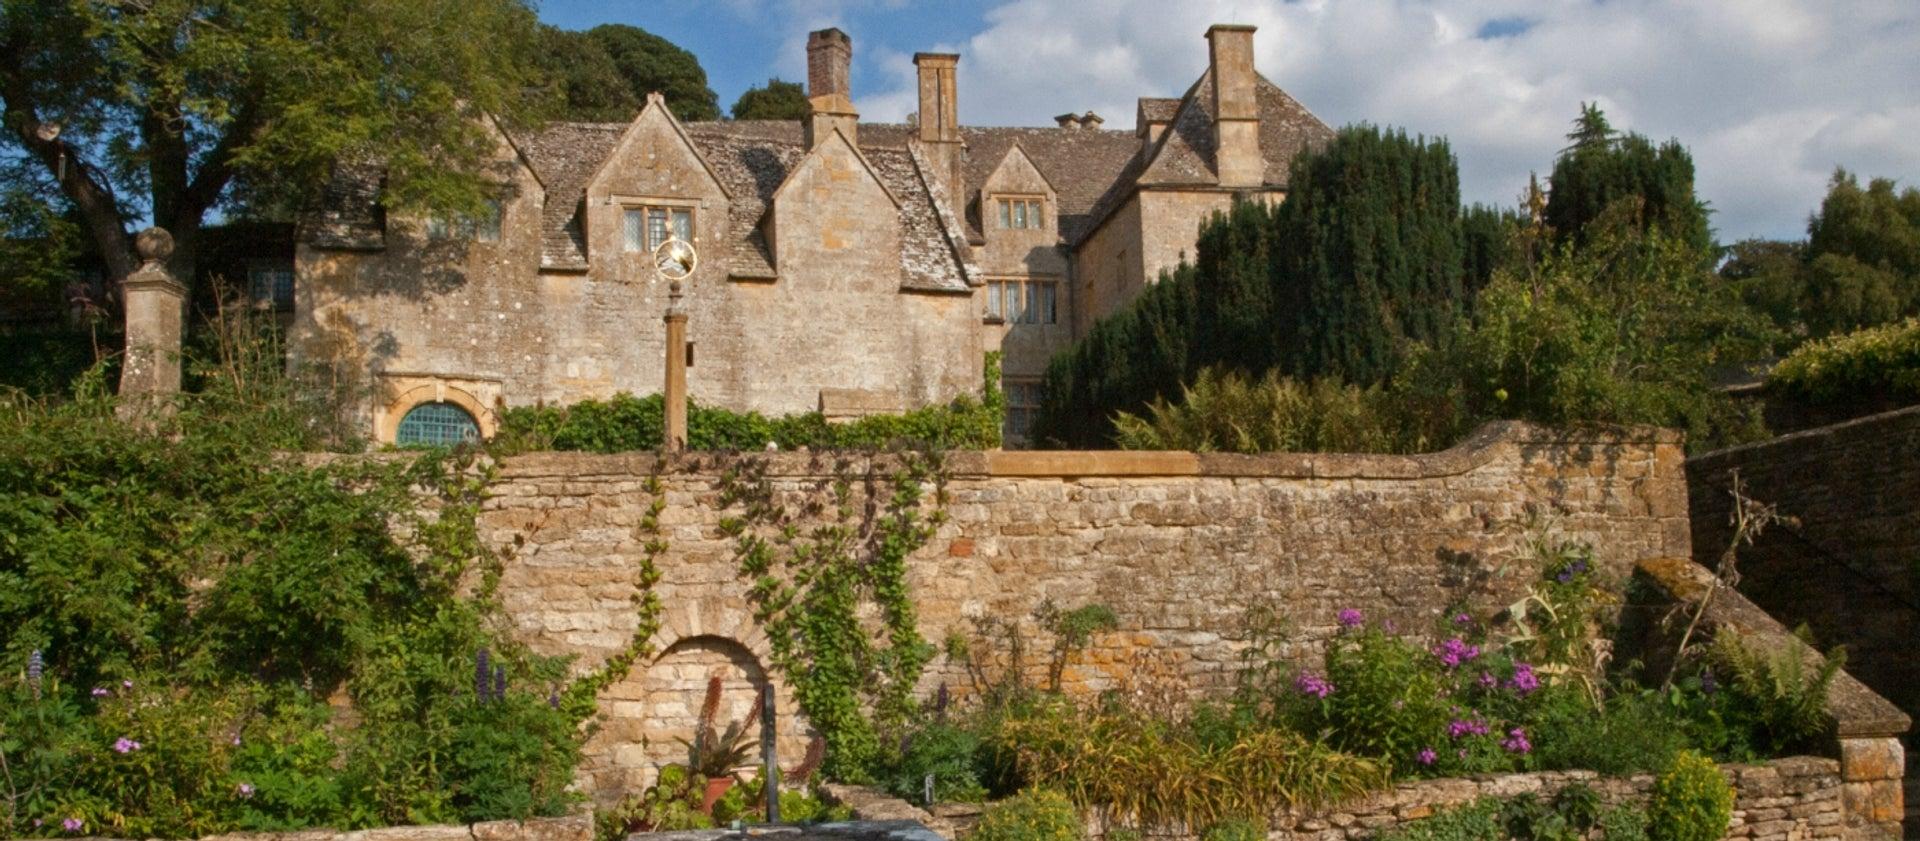 Snowshill Manor.jpg